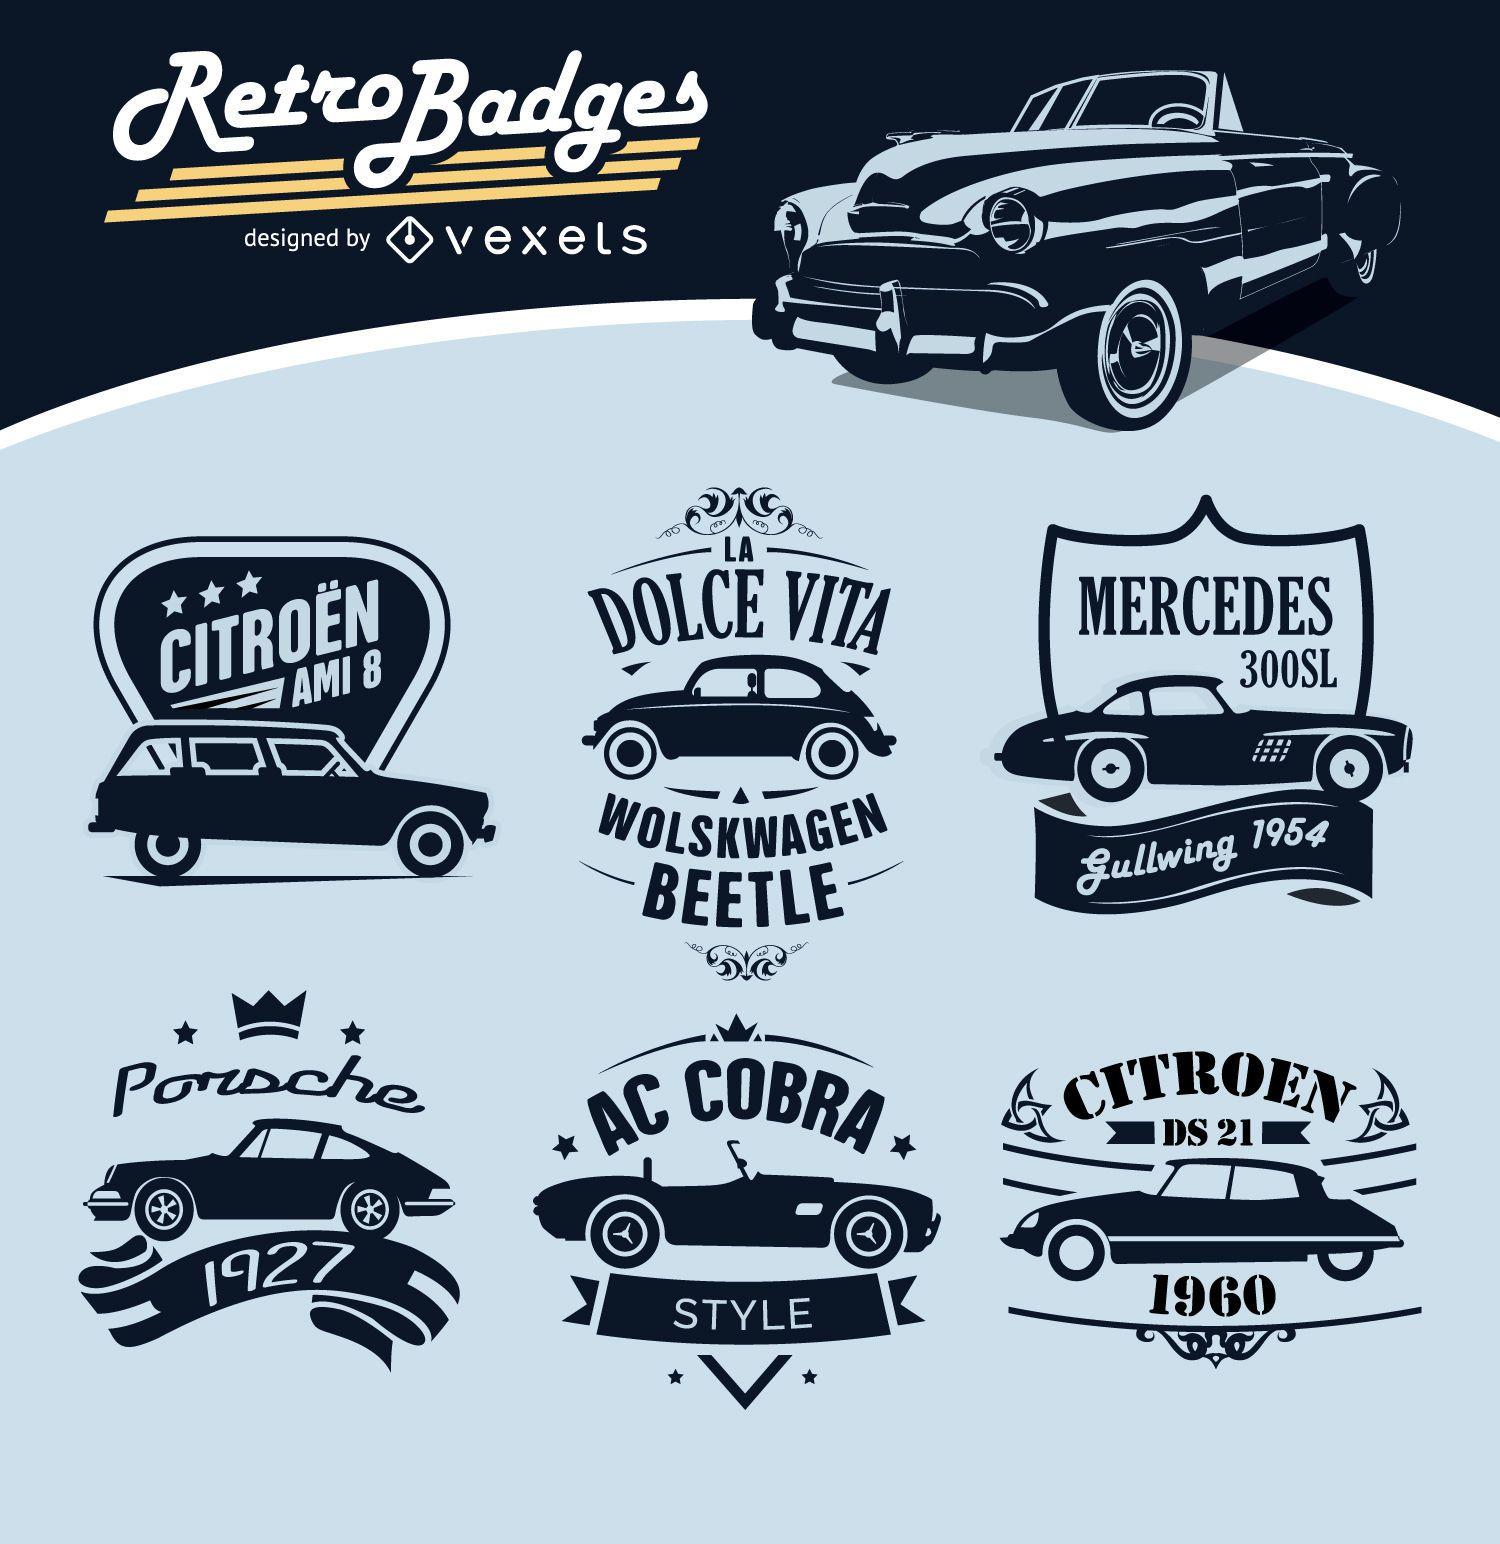 6 Retro Badges Cars